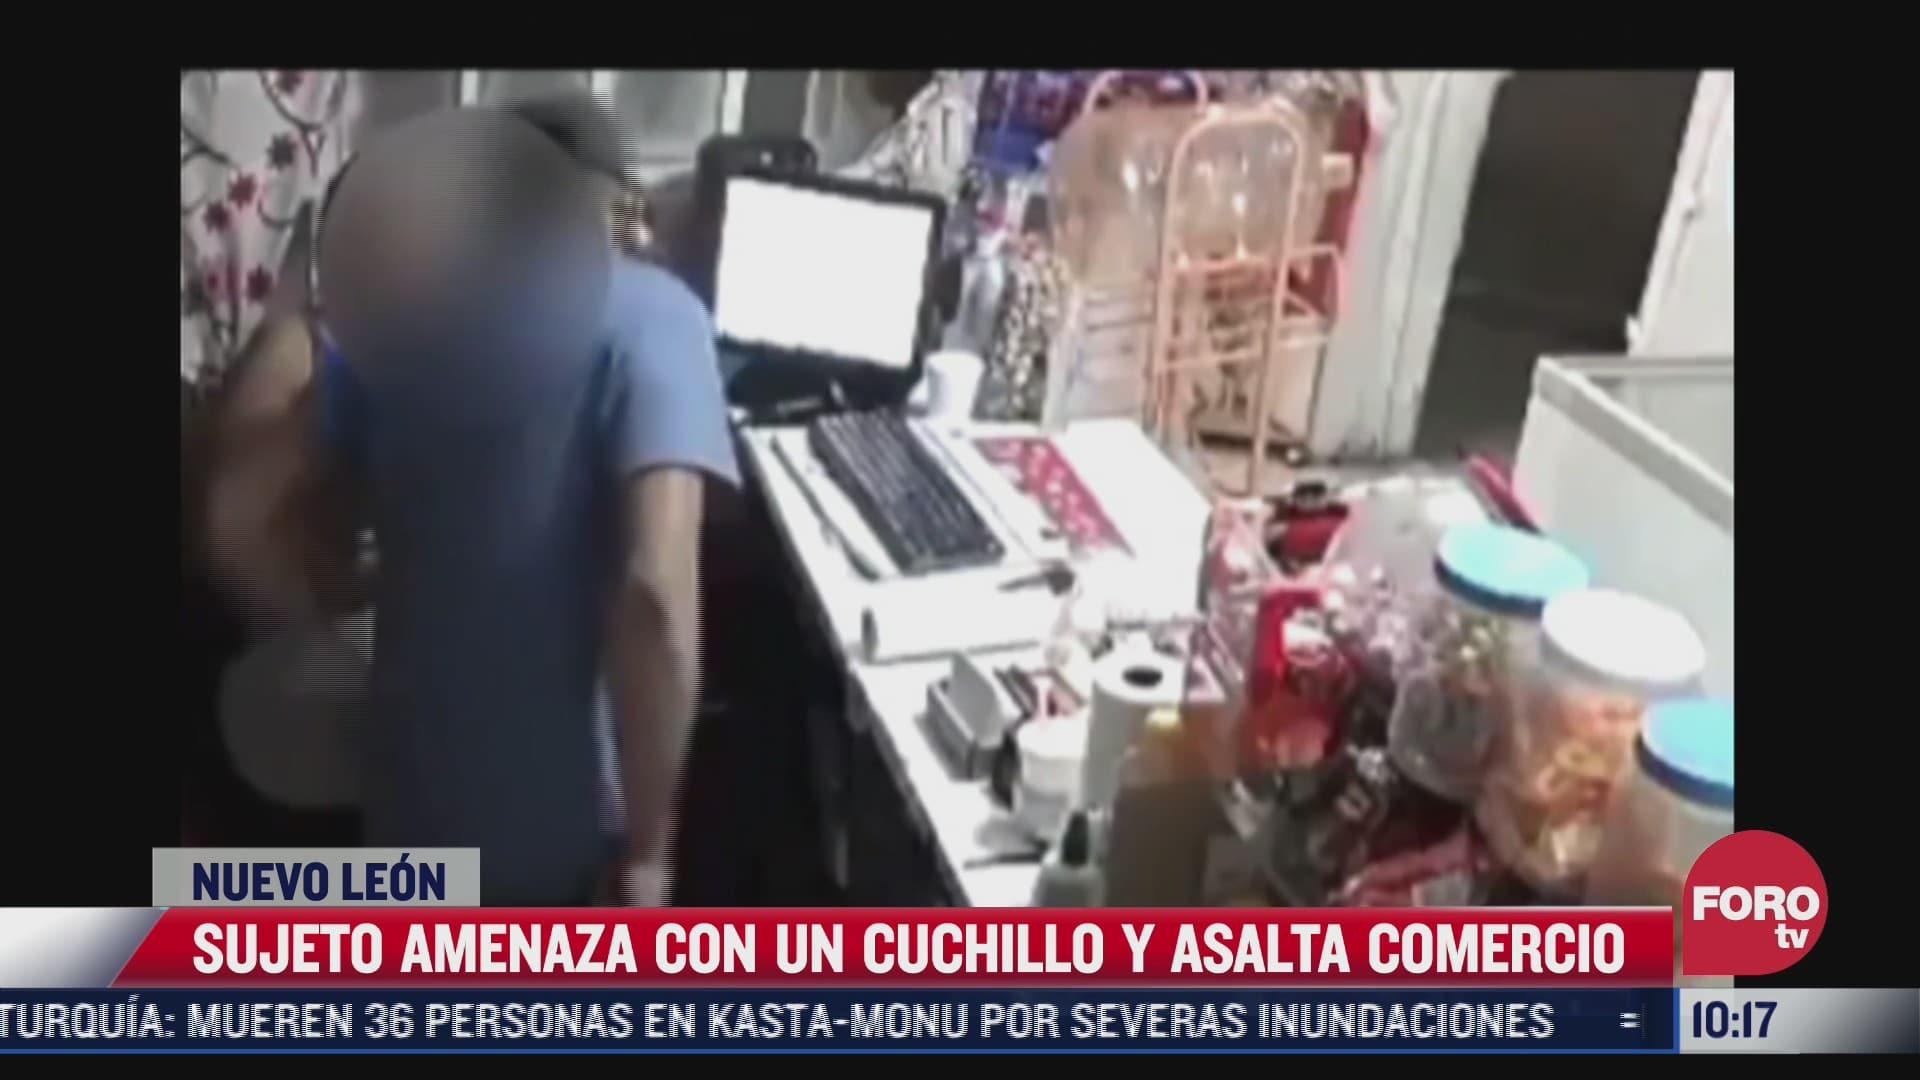 video sujeto amenaza con cuchillo a empleada y asalta comercio en nuevo leon